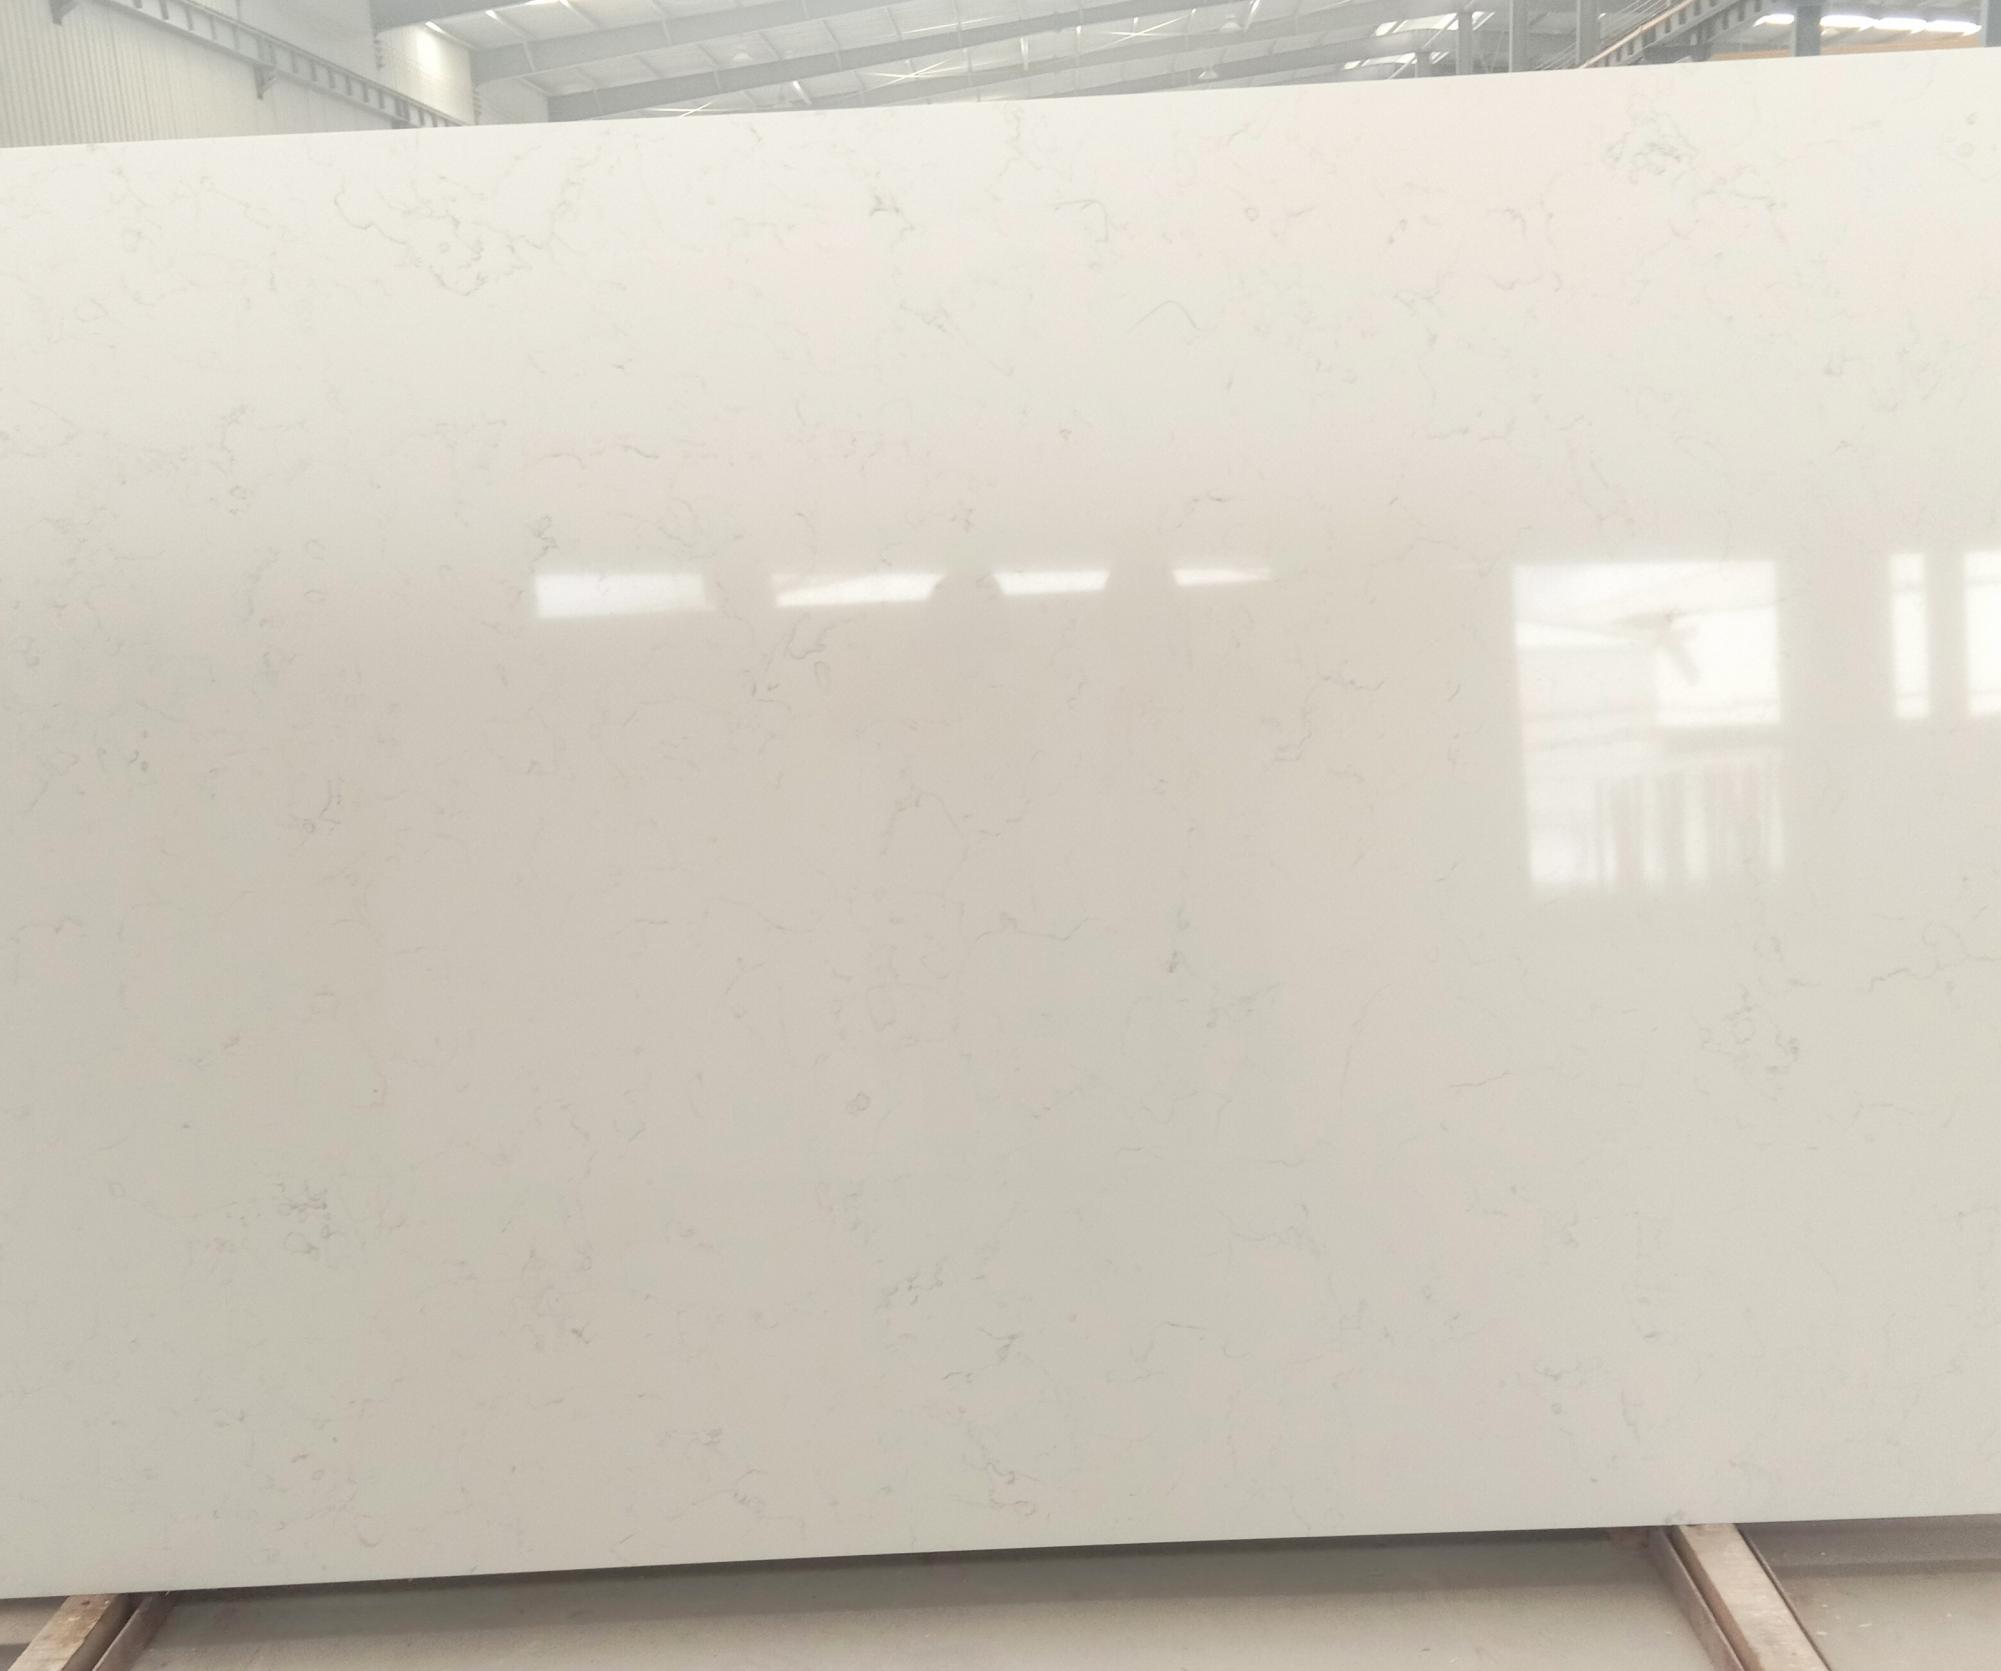 Venetian White Fornitura Hai Phong (Vietnam) di lastre grezze lucide in quarzo agglomerato artificiale 6302 , SL3CM